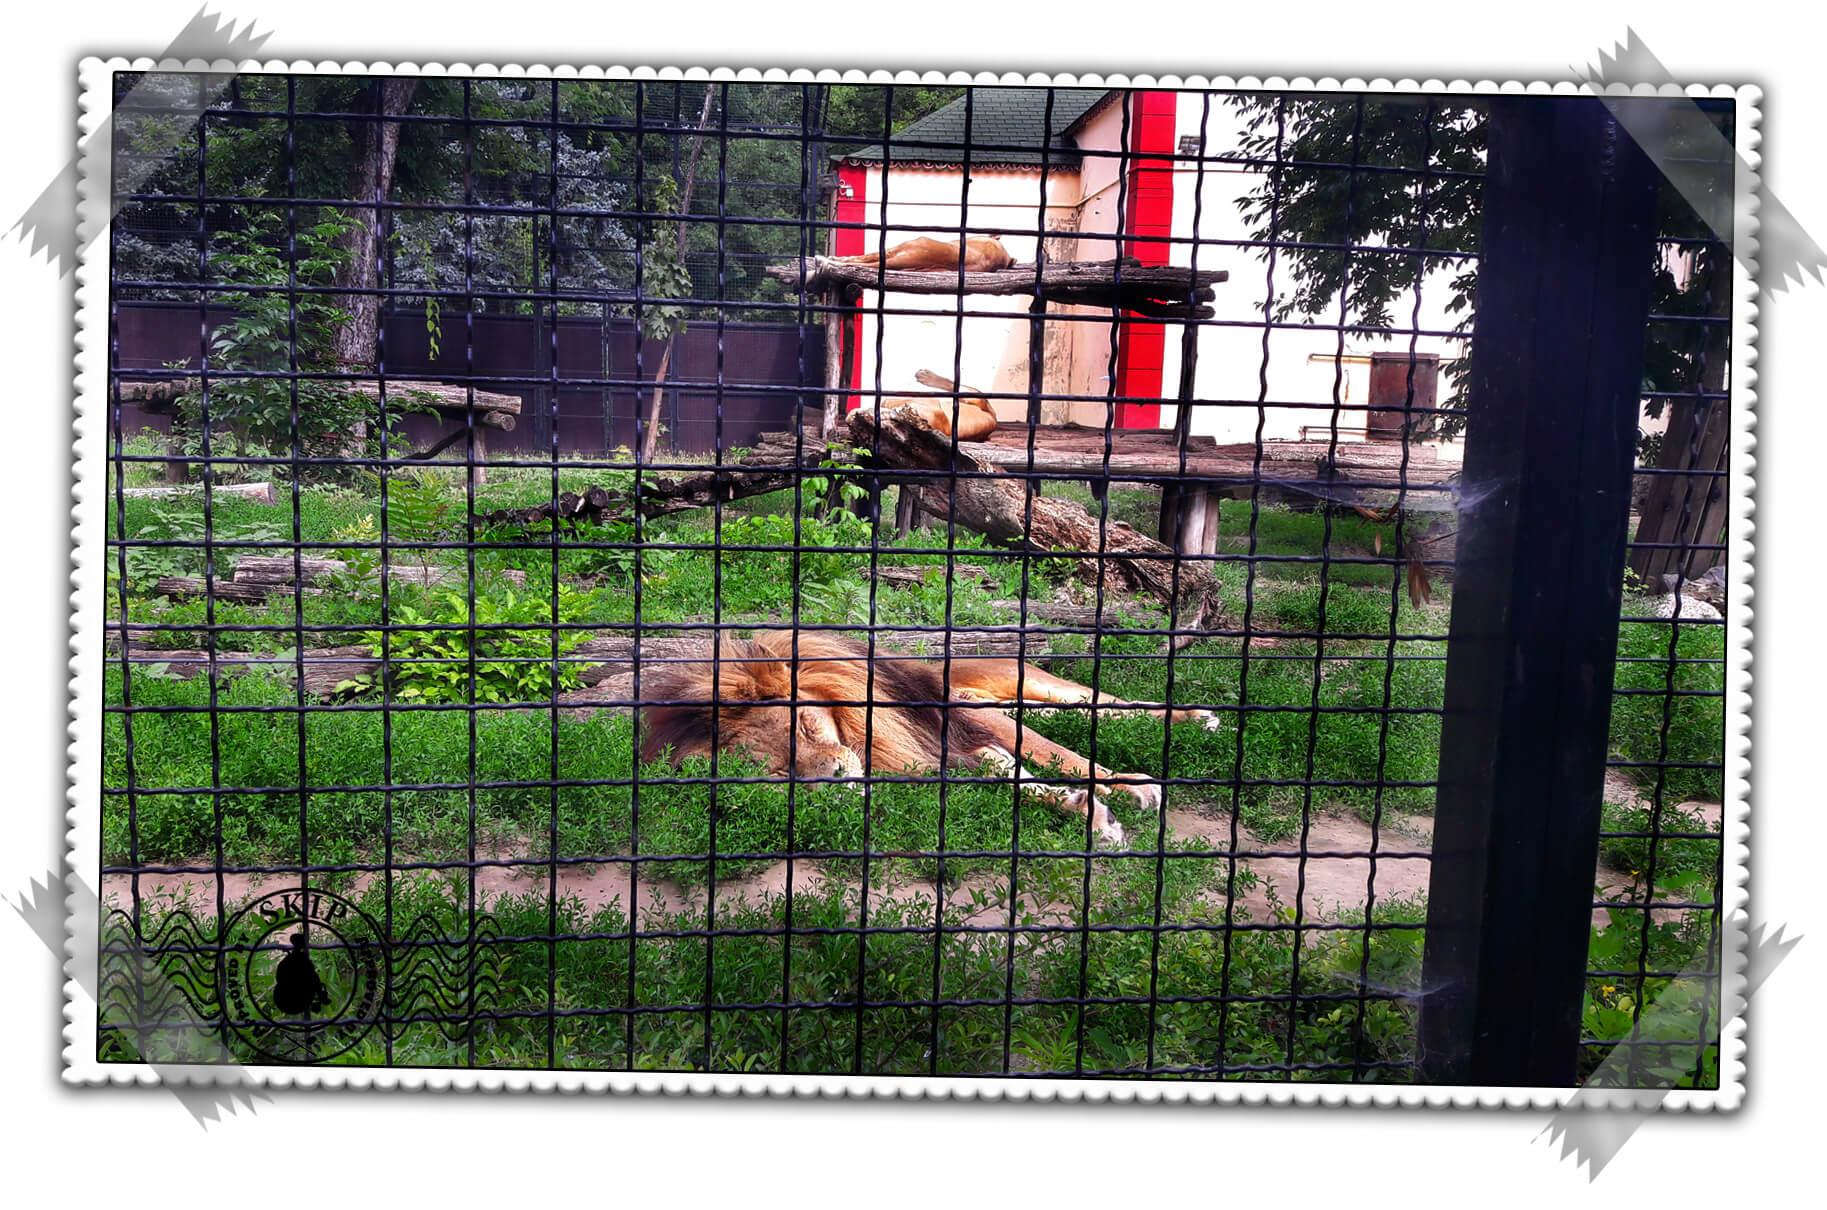 Palić Zoo Travel Serbia